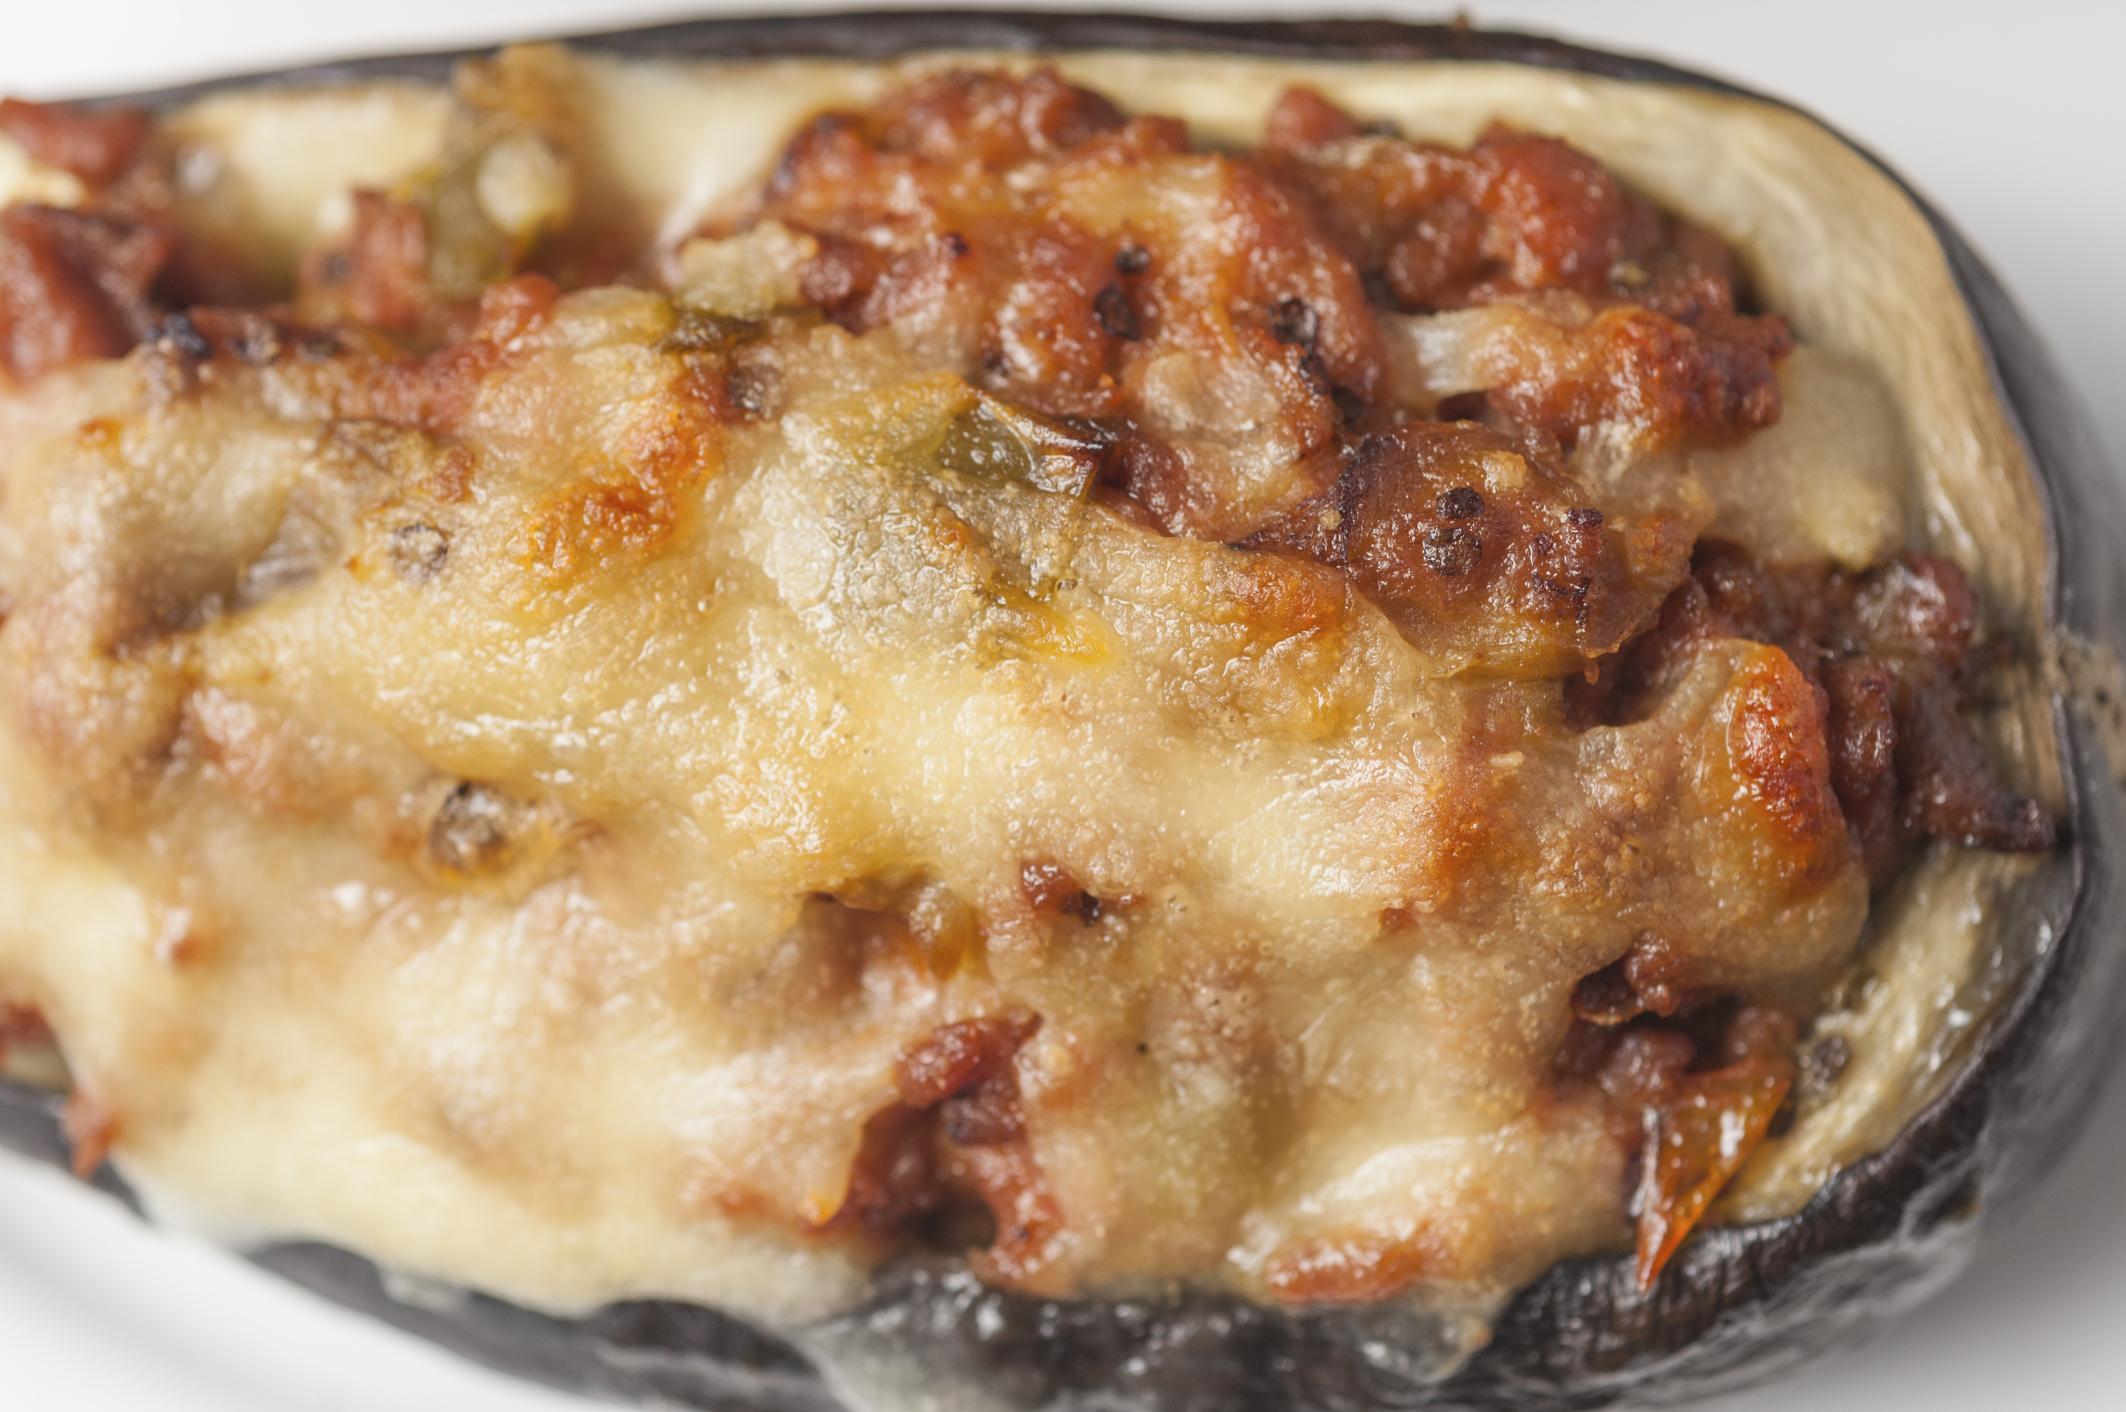 Berenjenas rellenas de carne y jamón al horno